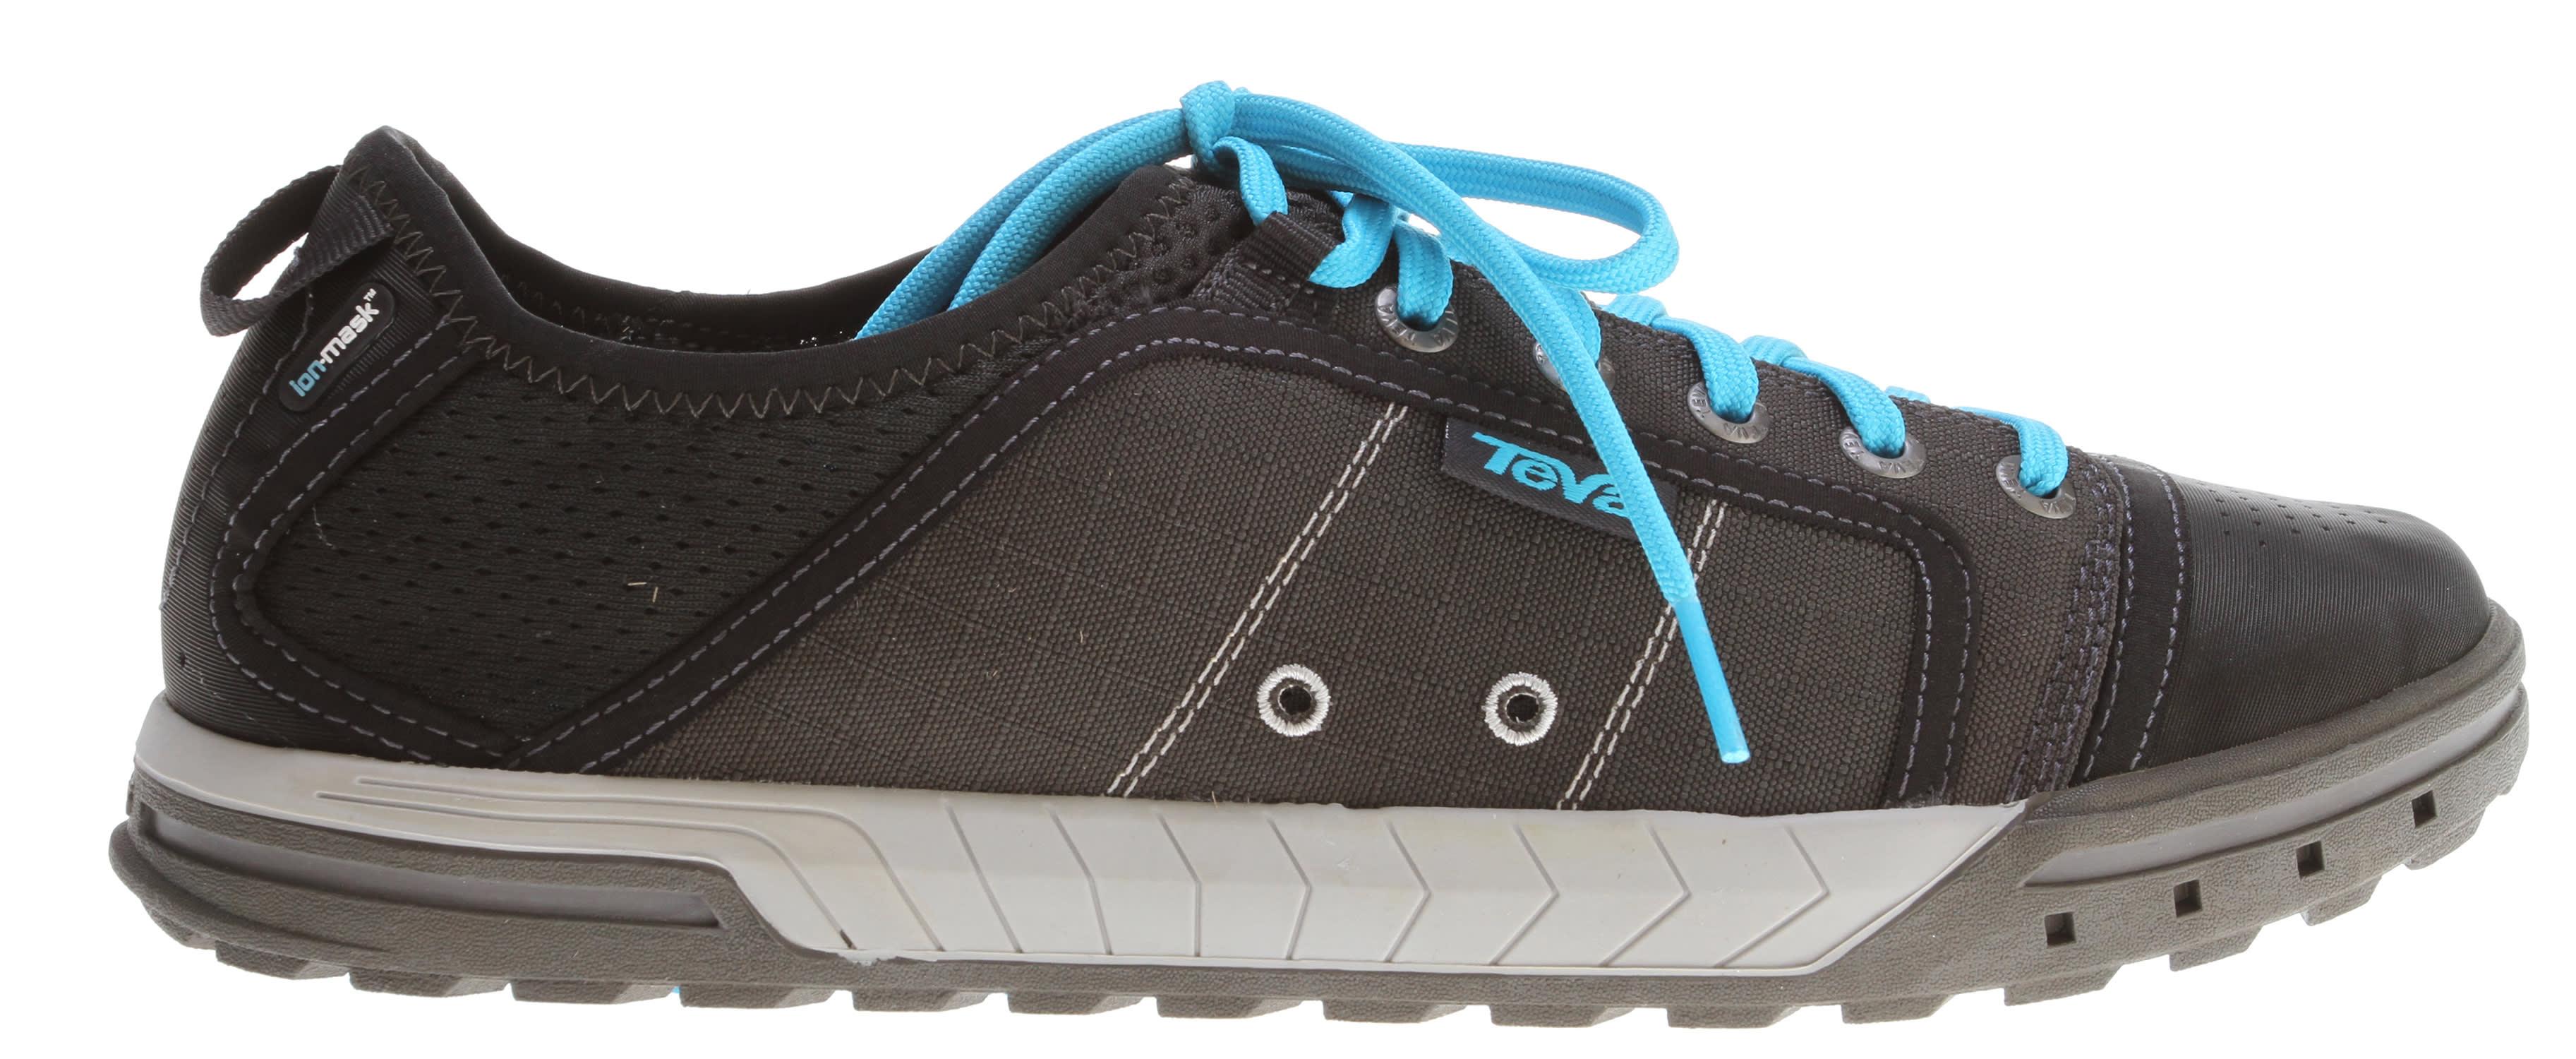 58098b8f97ea Teva Fuse-Ion Water Shoes - thumbnail 1